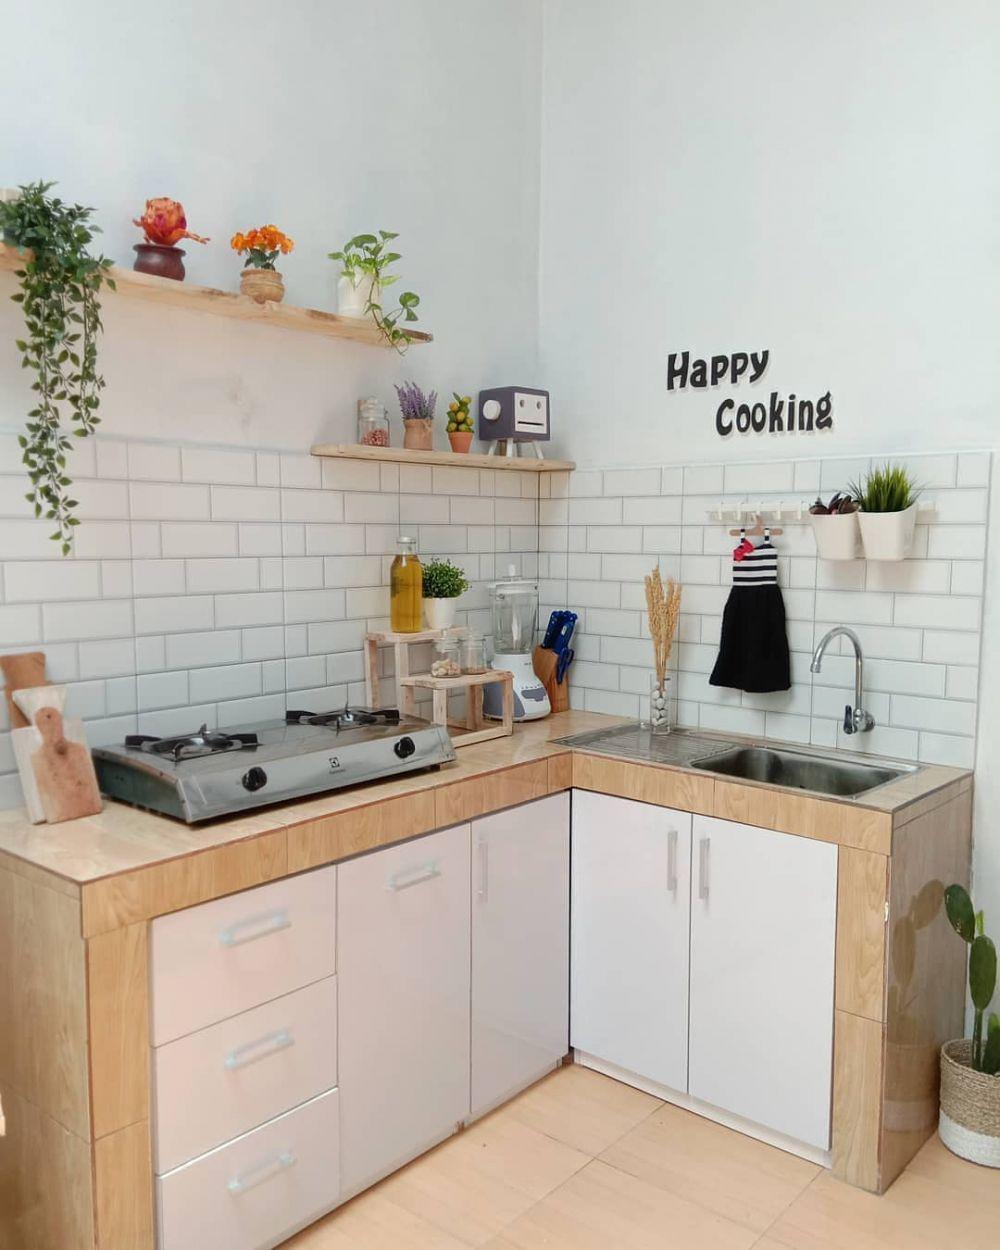 Ruang Dapur Sederhana | Desainrumahid.com